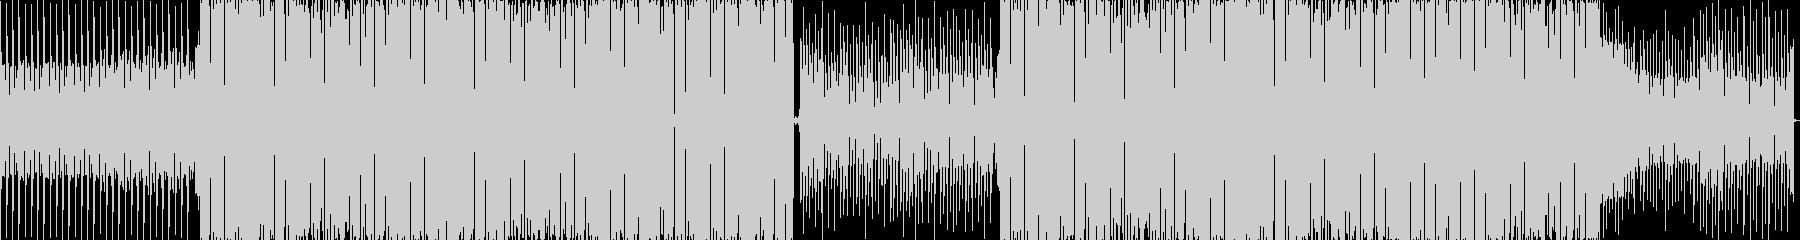 アップテンポなテクノ【Loop仕様】の未再生の波形